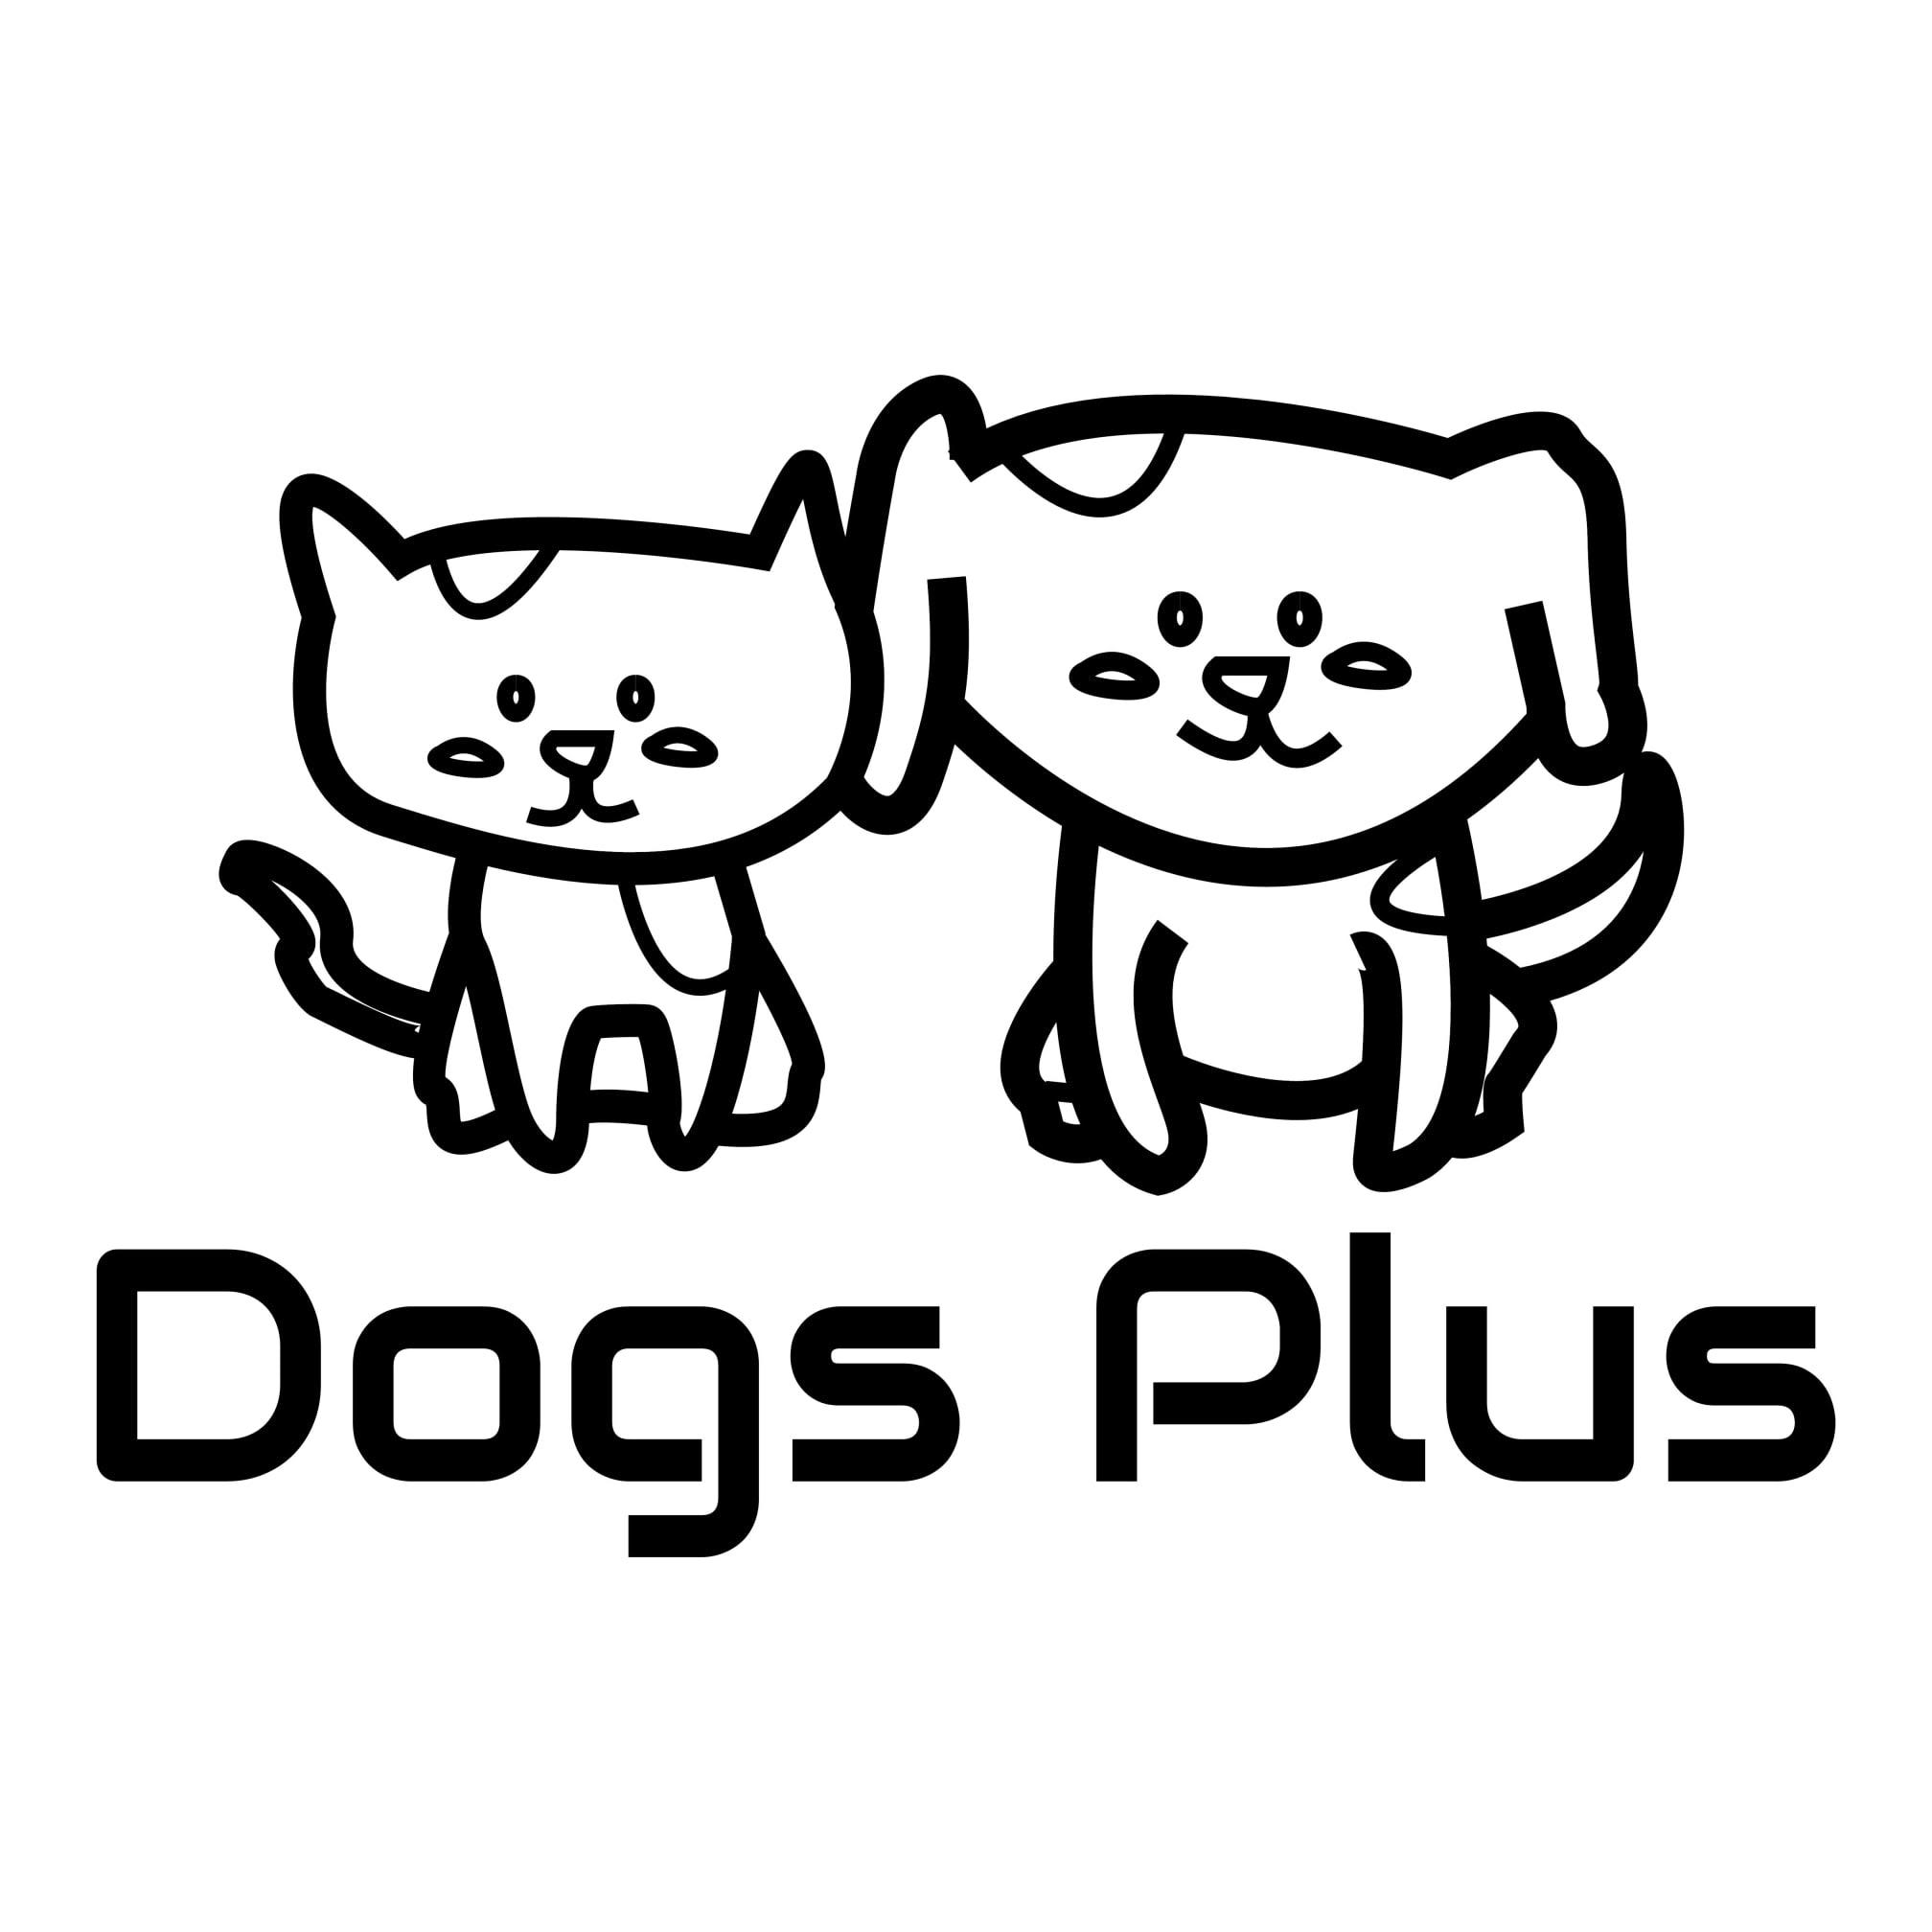 Dogs Plus Ltd - St. Austell, Cornwall PL26 7RU - 07803 074538   ShowMeLocal.com